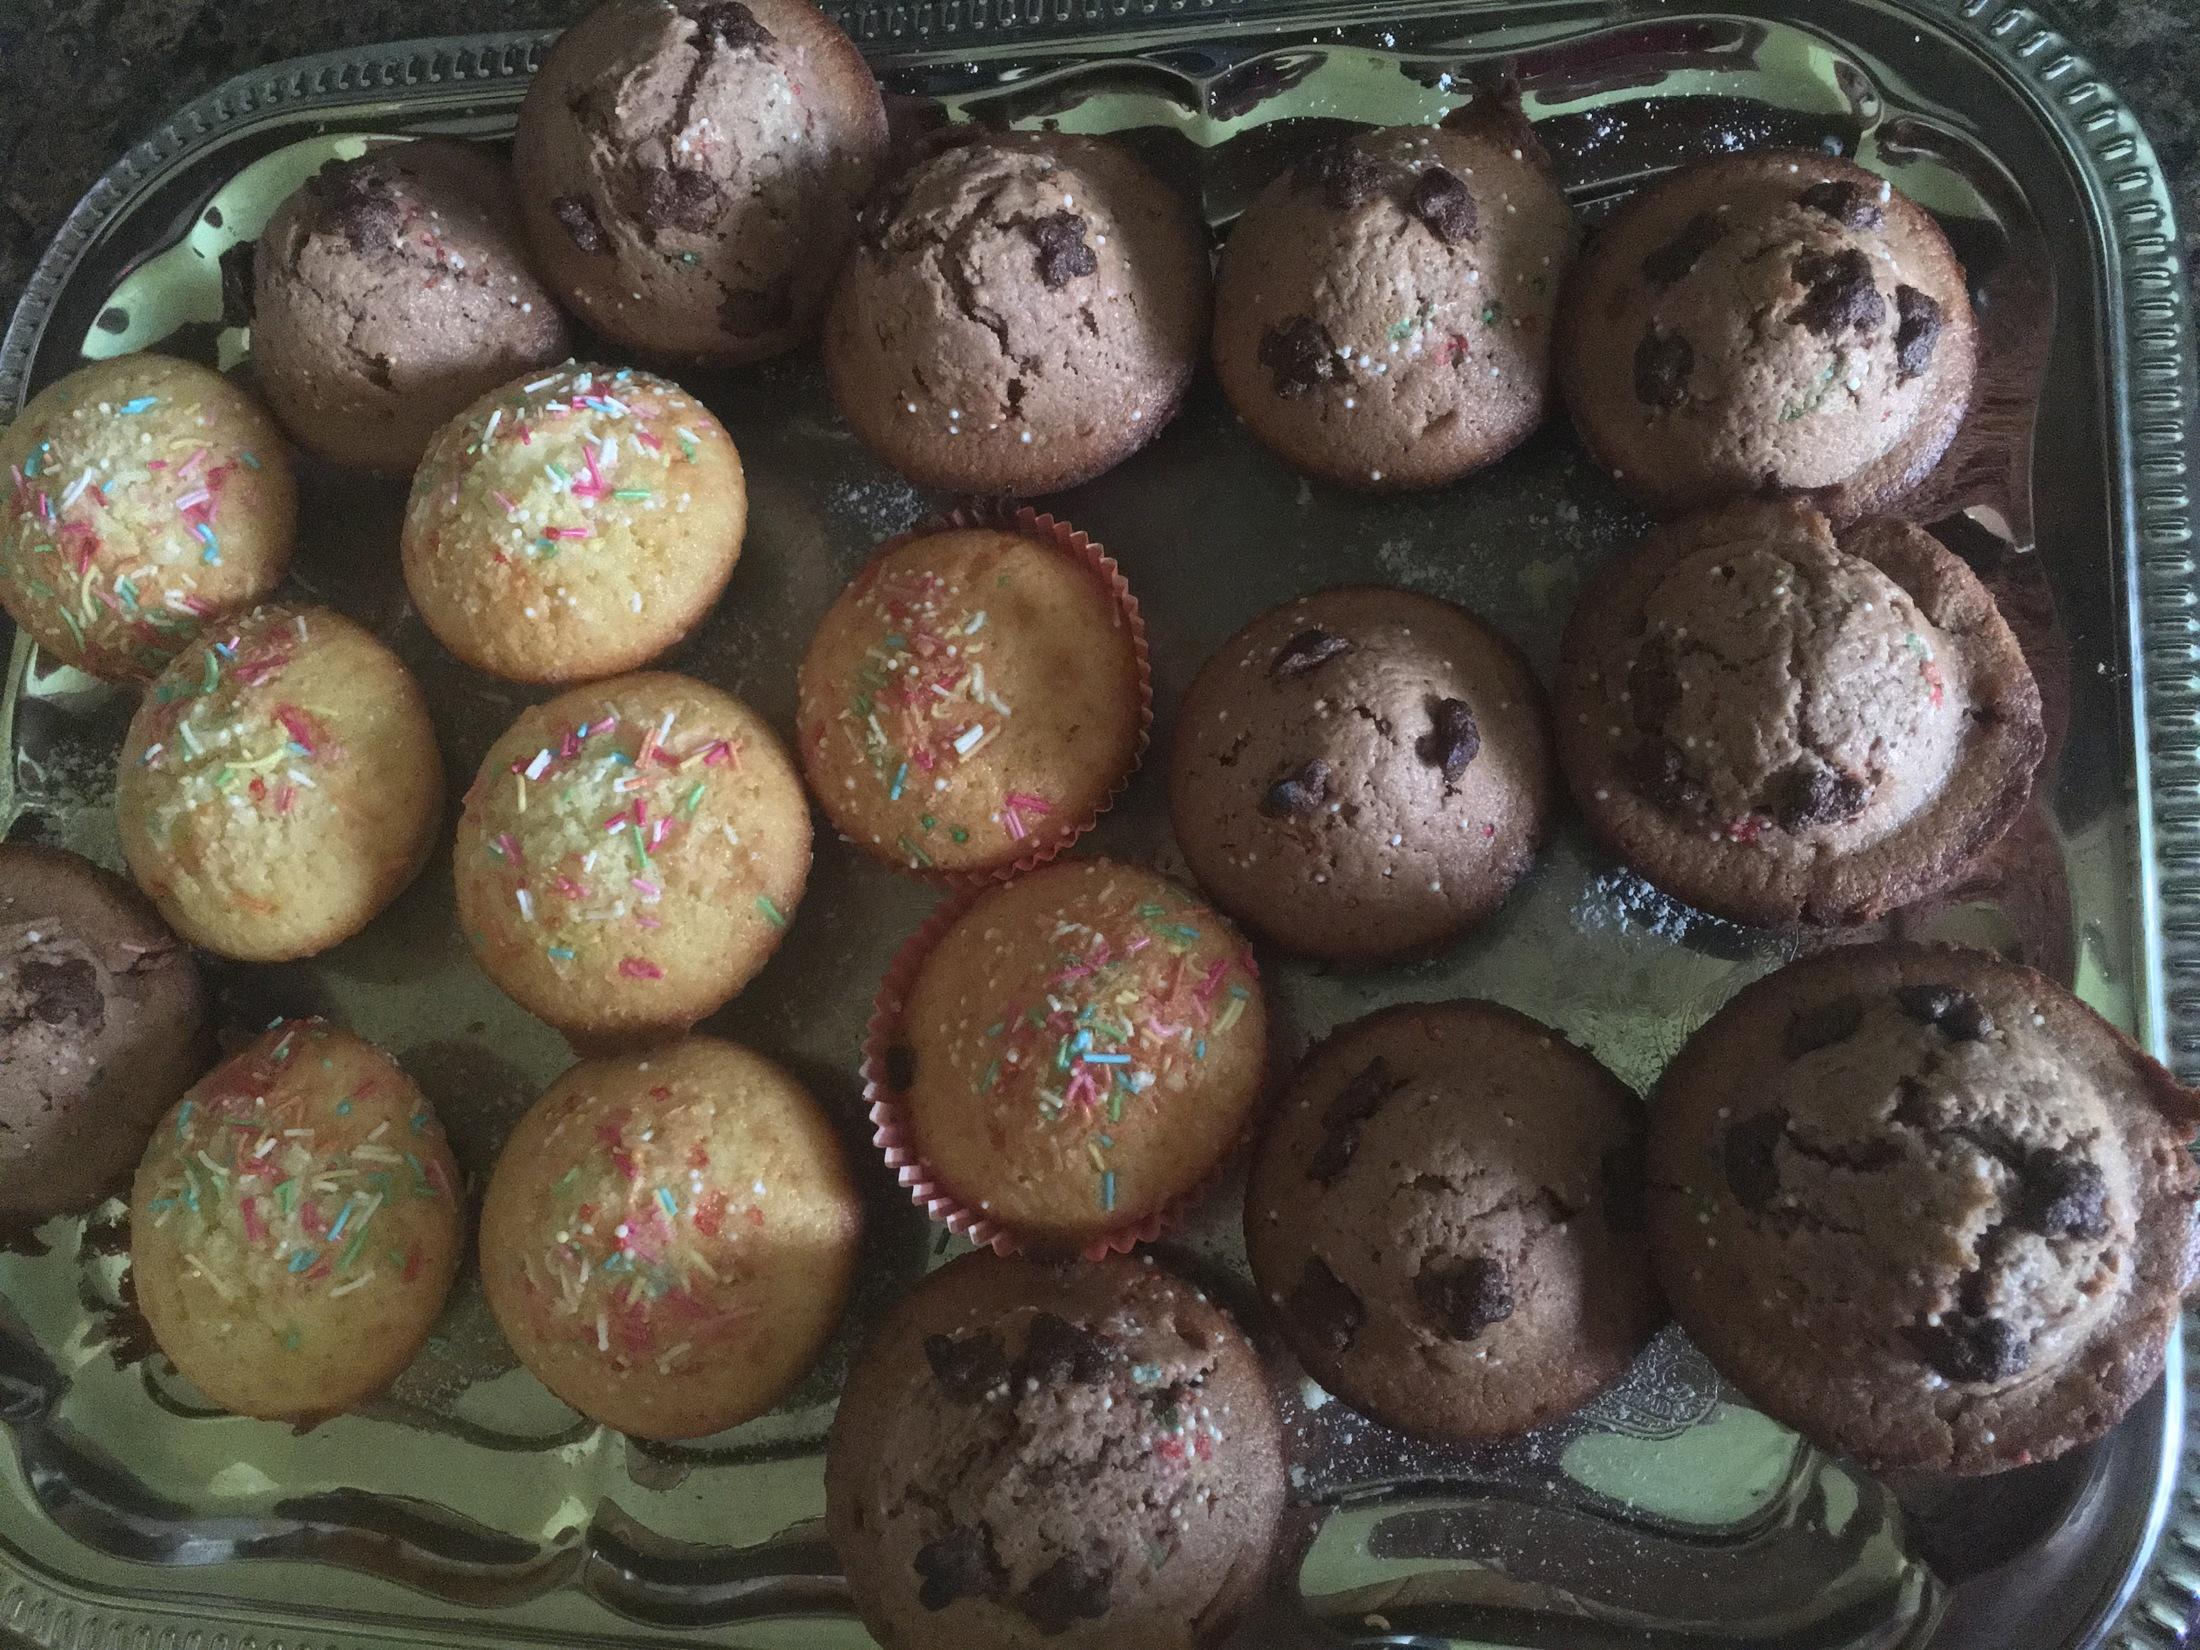 Recept Výborné jednoduché muffiny - Zbytek muffinků po deseti minutách (ještě horkých) - bylo jich 24